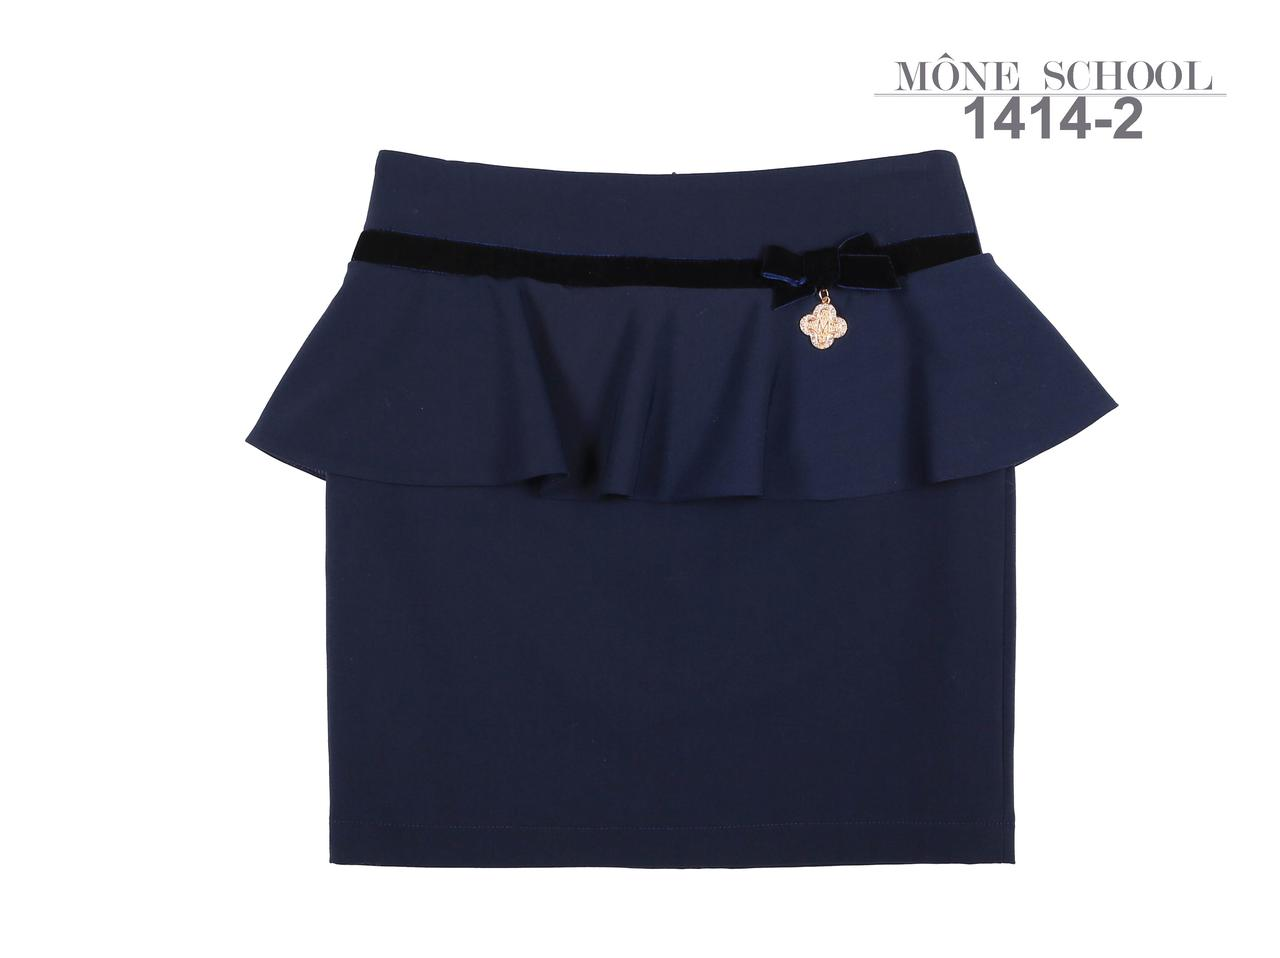 Школьная форма для девочек, Короткая школьная юбка (синяя) р-р 158